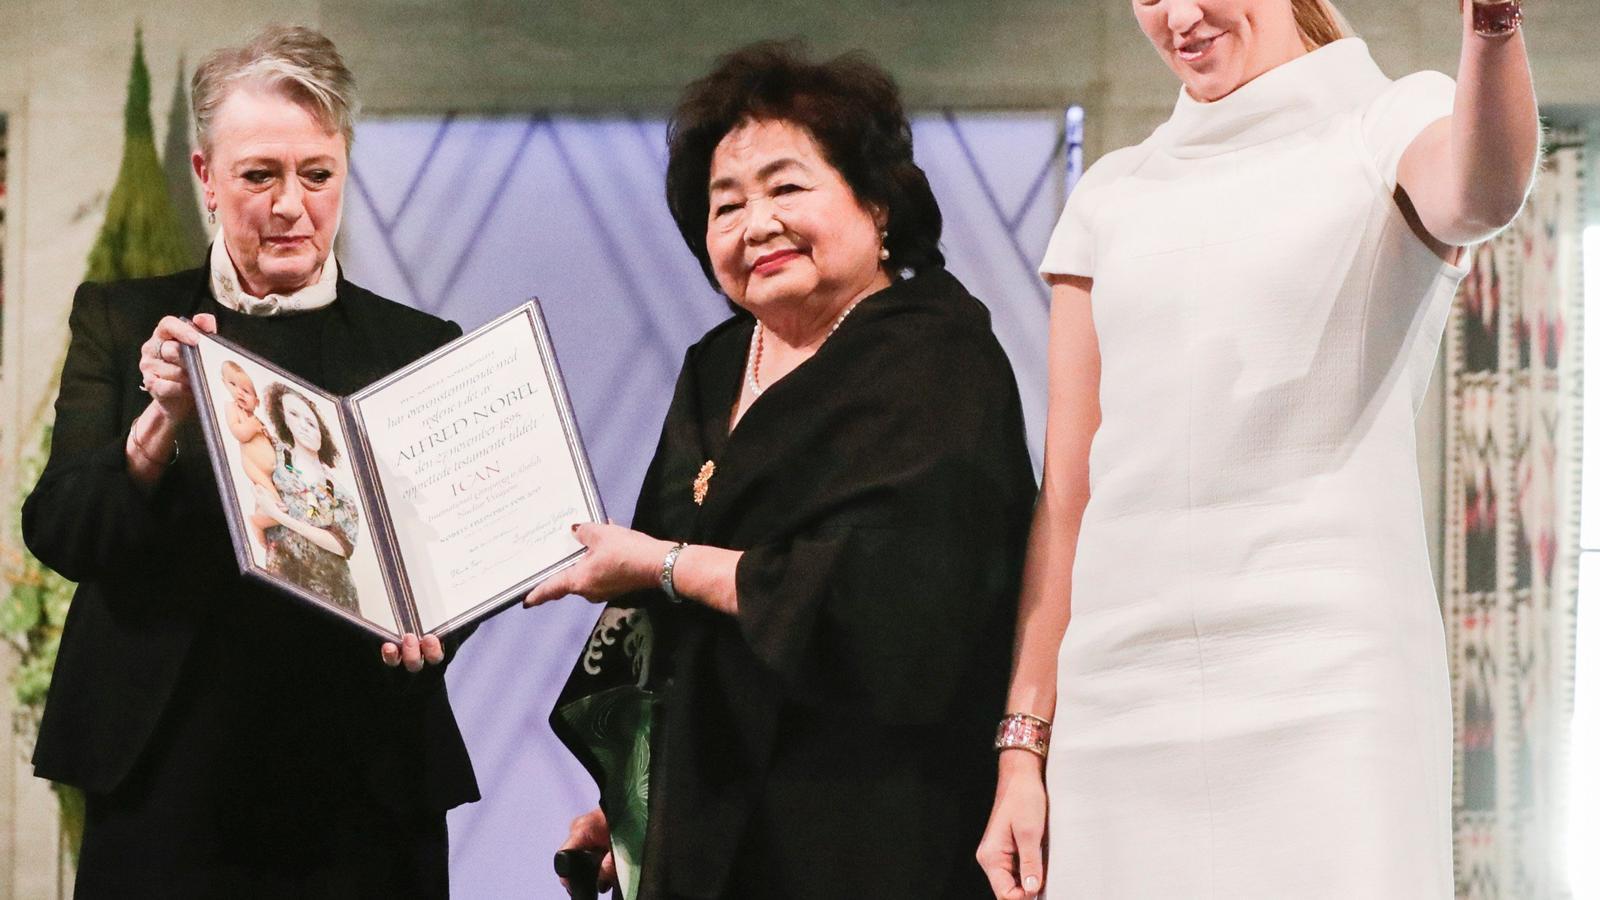 Setsuko Thurlow, al centre de la imatge, i Beatrice Fihn reben el premi Nobel de la pau.